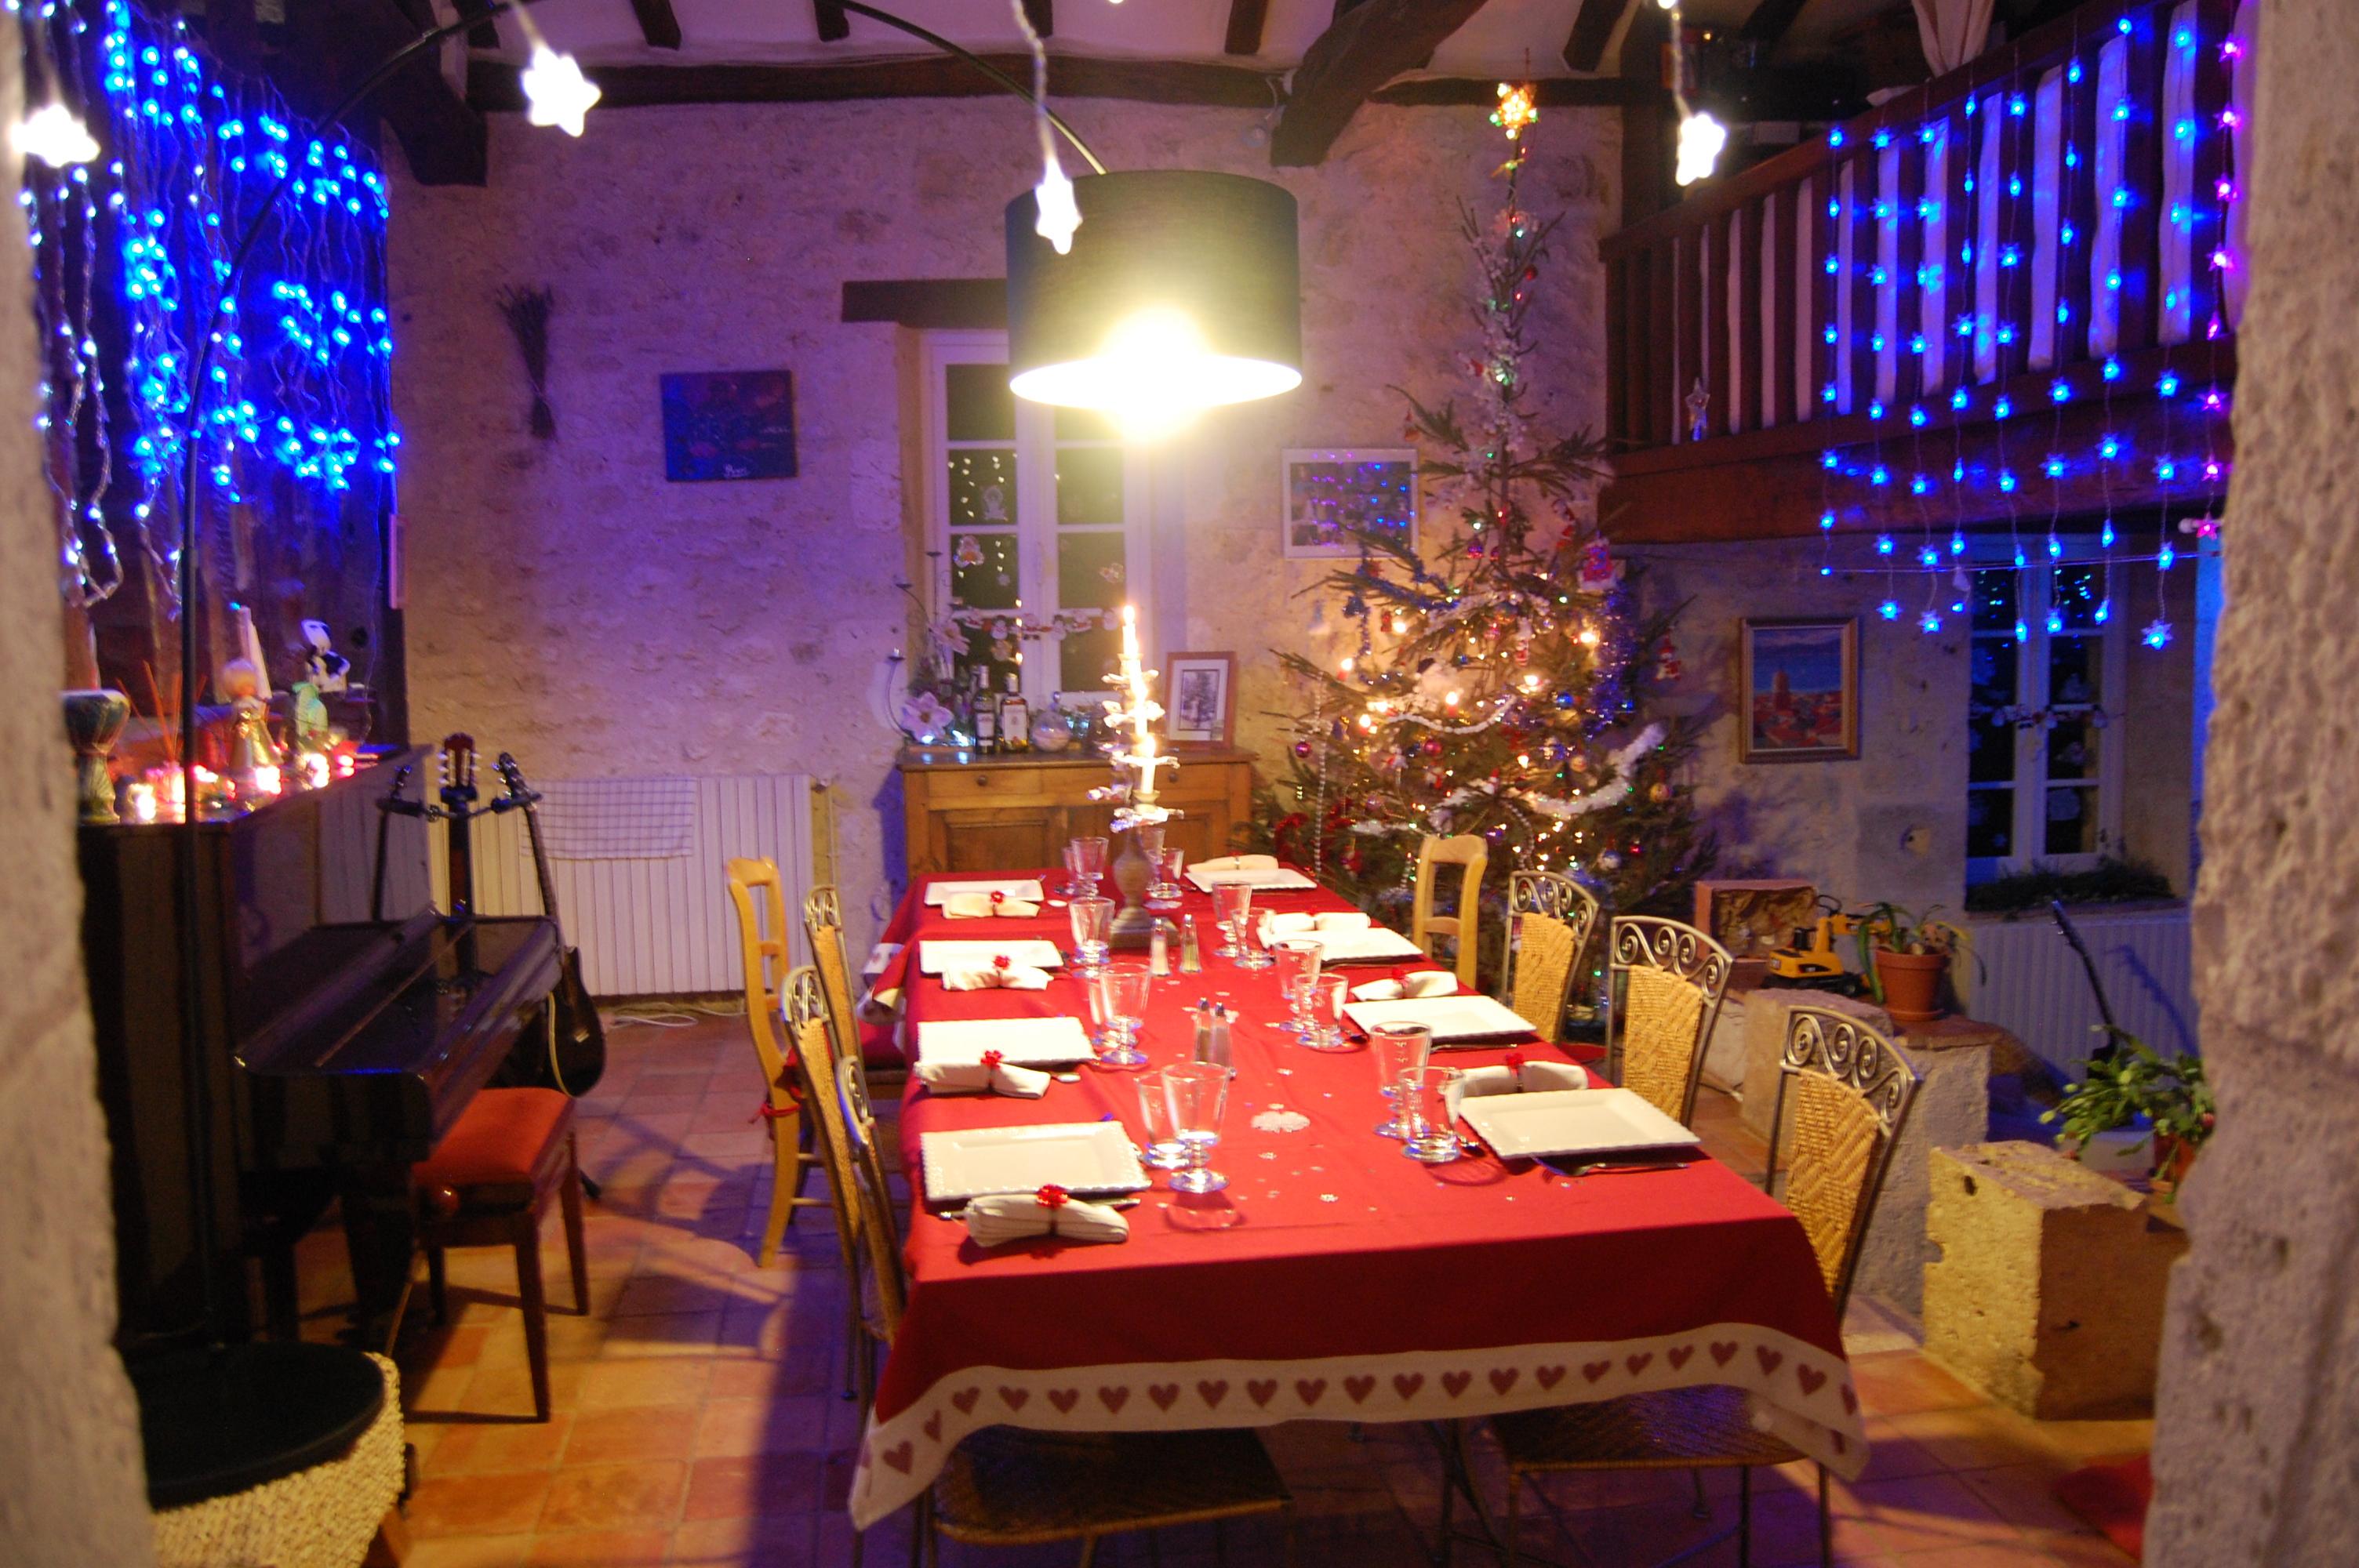 table d'hôte midi pyrénées, chambre d'hôte avec table d'hôtes, table d'hôte sud ouest, table d'hôte fait maison